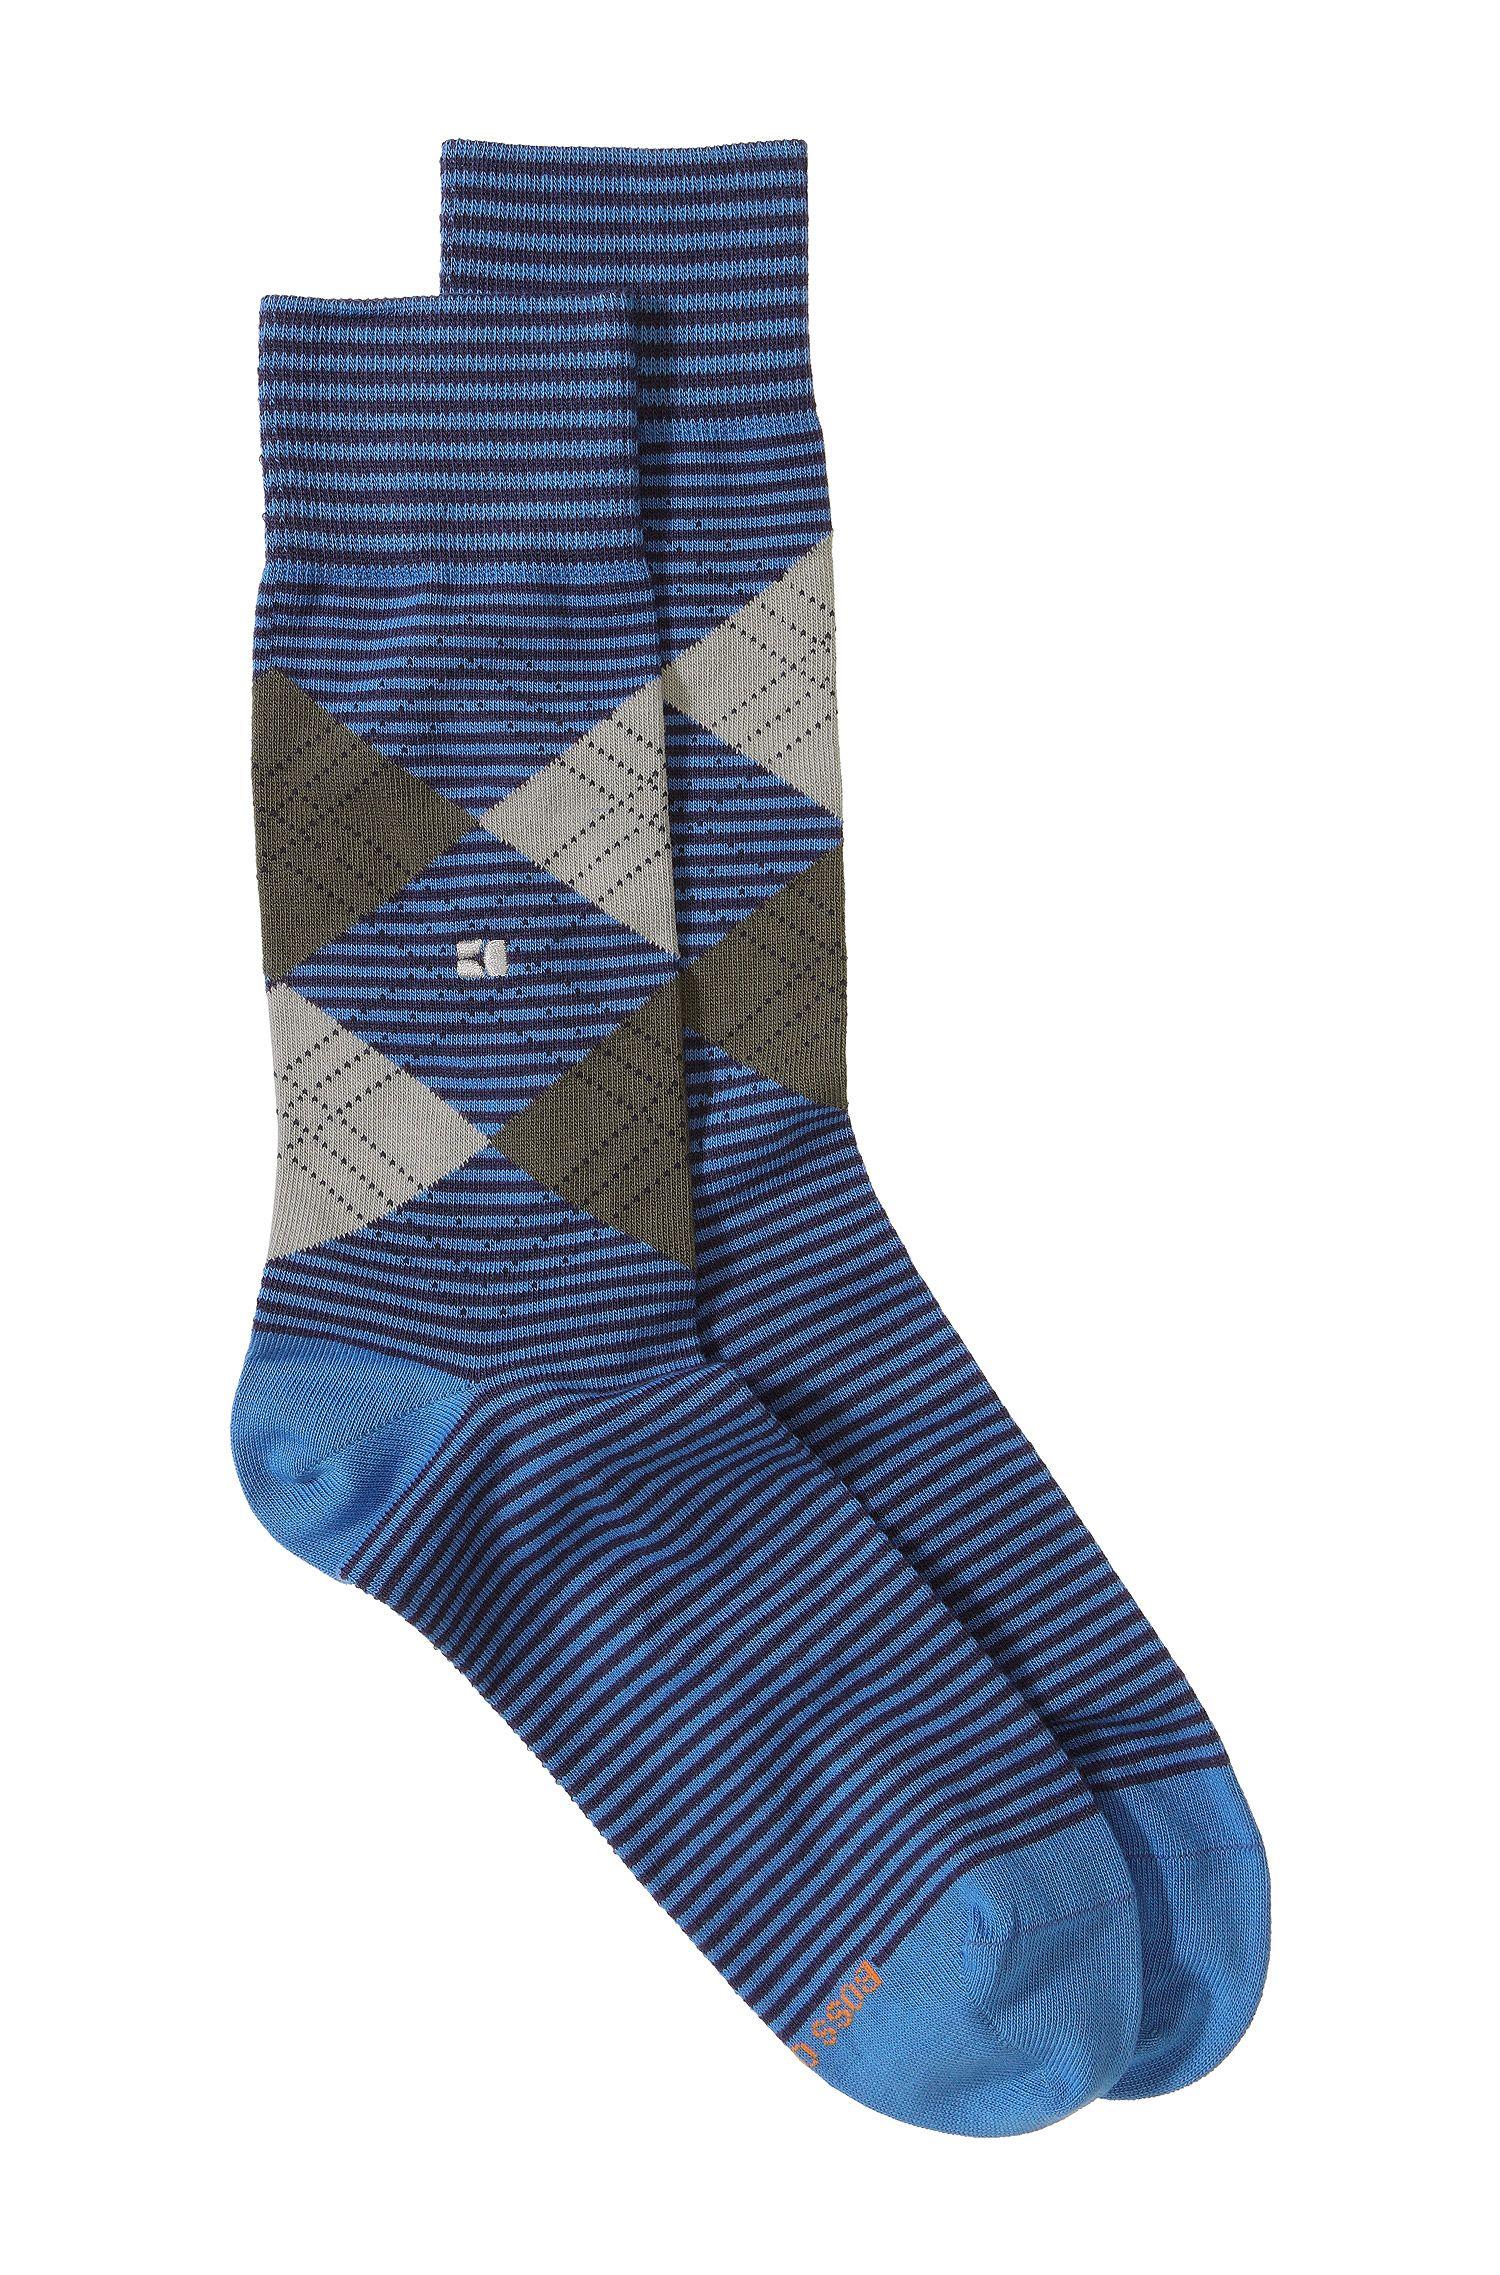 Socken ´Art/ApT` mit druckfreiem Komfortbund